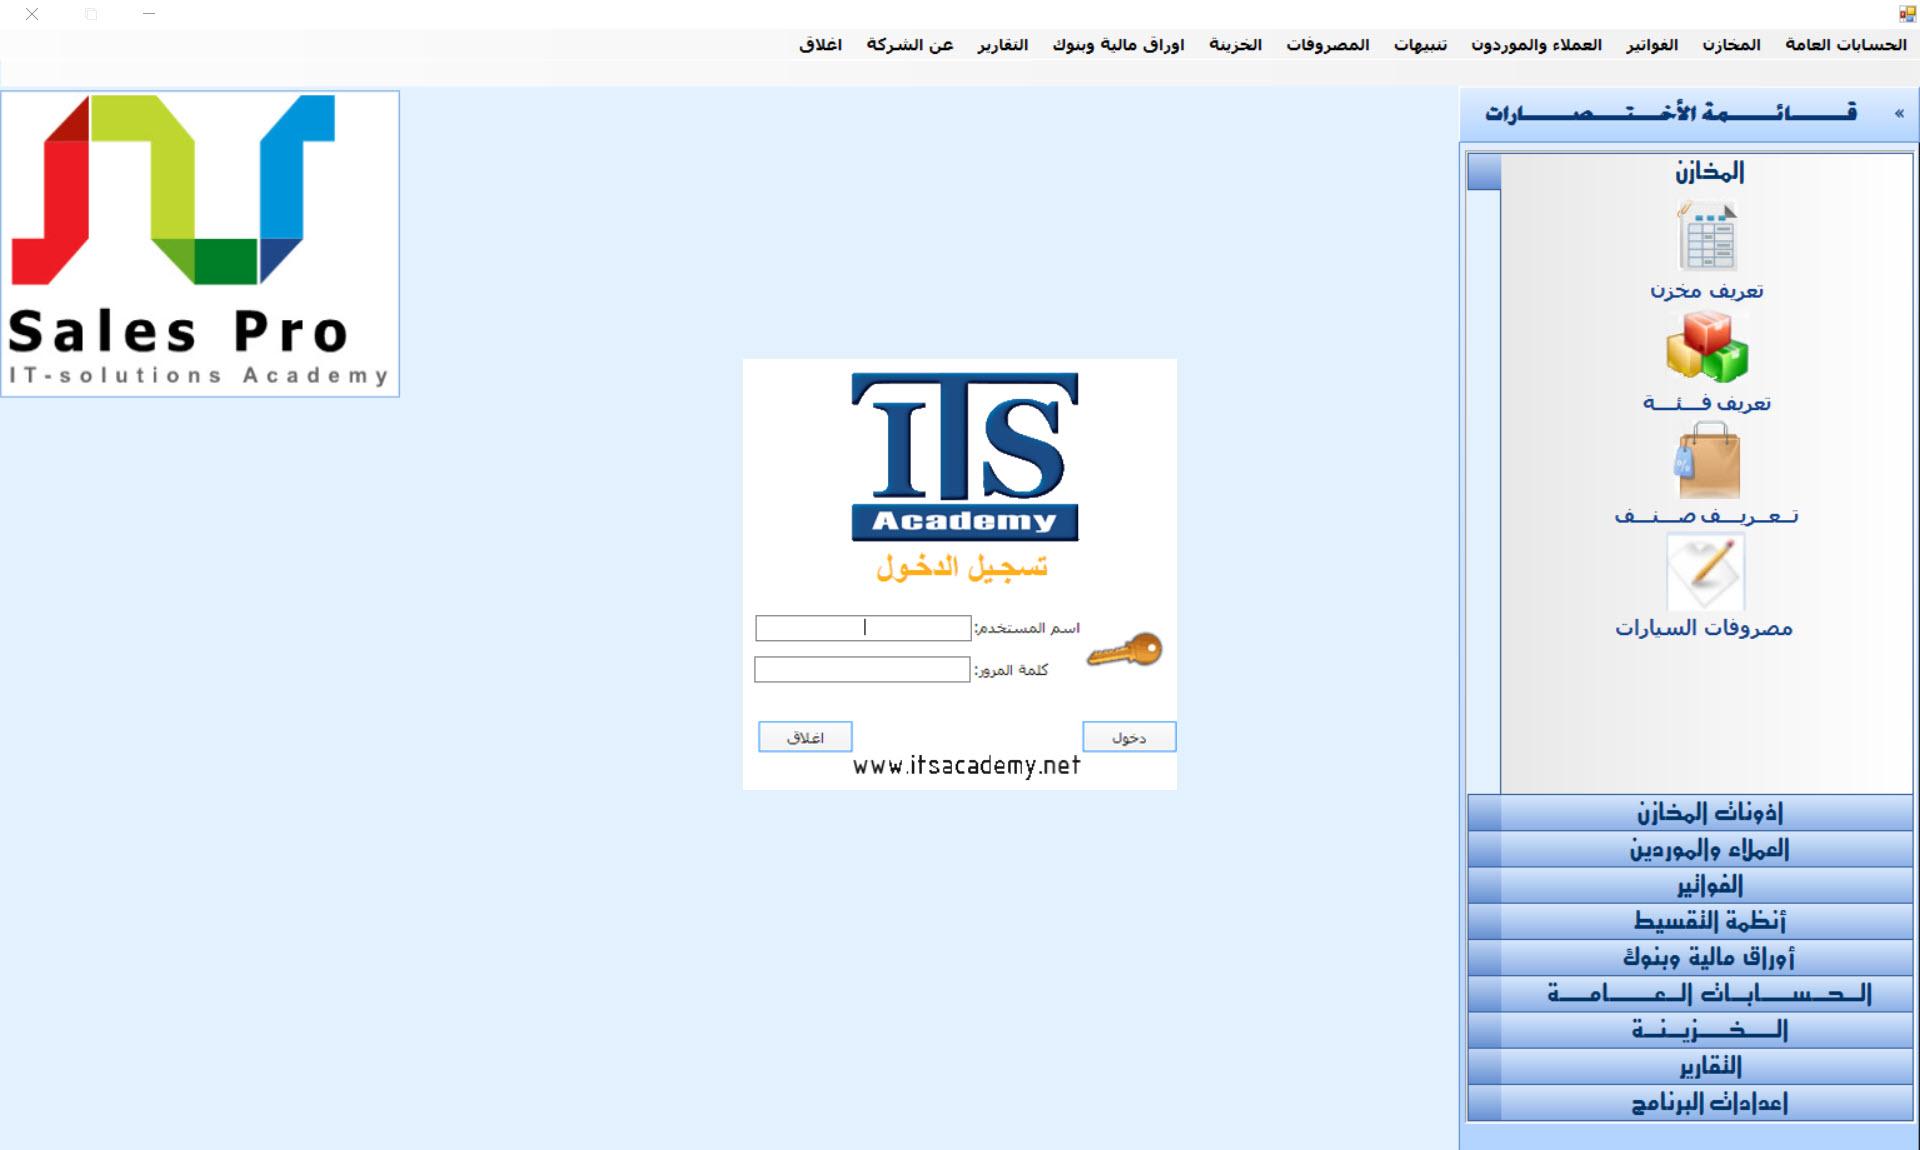 مخازن,حسابات, مبيعات,برامج مخازن وحسابات ومبيعات,برنامج حسابات محلات الأقمشة, برنامج حسابات معارض الرخام, برنامج حسابات معارض الرخام, البرنامج المحاسبي لإدارة محلات العطارة, برنامج حسابات محل كمبيوتر, برنامج حسابات لإدارة المكتبات, برنامج حسابات مصانع البلاستيك, برنامج حسابات محلات المفروشات, برنامج صيدليات, برنامج شئون العاملين, برنامج حسابات معارض السيراميك, برنامج حسابات متكامل عملاء موردين مخازن حسابات مالية مندوبين مناطق توزيع باركود اون لاين ربط الفروع, برنامج محاسبة مجاني، برنامج محاسبة، برنامج مجاني، شجرة الحسابات، برنامج شامل، برنامج حسابات، برنامج محاسبة متكامل، برنامج محاسبي, برنامج محاسبة,برنامج حسابات,برامج محاسبة,برنامج محاسبة مجاني,افضل برنامج محاسبة,برنامج بيع وشراء,برنامج مخازن,برامج حسابات,تحميل برنامج محاسبة,برنامج فواتير,برنامج شؤون الموظفين,نظام محاسبة,برامج محاسبية,برامج حسابات,محاسبة مالية,نظام محاسبي,المحاسبة التجارية,المحاسبه الماليه,أفضل نظام محاسبي, برنامج سوبر ماركت,برنامج كاشير,كاشير ماركت,كاشير محل ملابس,برنامج للصيدليات,برنامج لمحلات لاملابس,برنامج للمحلات التجارية,سيستم ميني ماركت,البرنامج المحاسبي لإدارة معارض سيارات النقل والملاكى ,سيستم ماركت,برنامج سوبر ماركت,fast account,softwaer market,برنامج لمحل احذية,برنامج سوبر ماركت مجاني,برنامج للمكتبات, برنامج محاسبة, برامج محاسبة, برنامج المحاسبة, برامج حسابات, برنامج حسابات,  برنامج الحسابات, برامج محاسبة شركات, افضل برامج المحاسبة, برنامج الحسابات للشركات, برنامج ,easy store, sales pro, برنامج محاسبة لإدارة كافة الأنشطة التجارية : المحلات – المخازن – الشركات – المعارض - نقاط البيع  بدقة وكفاءة المحاسبين ™ برنامج حسابات رقم واحد فى مصر,برنامج ادارة محلات الموبيلات والكمبيوترsales pro,